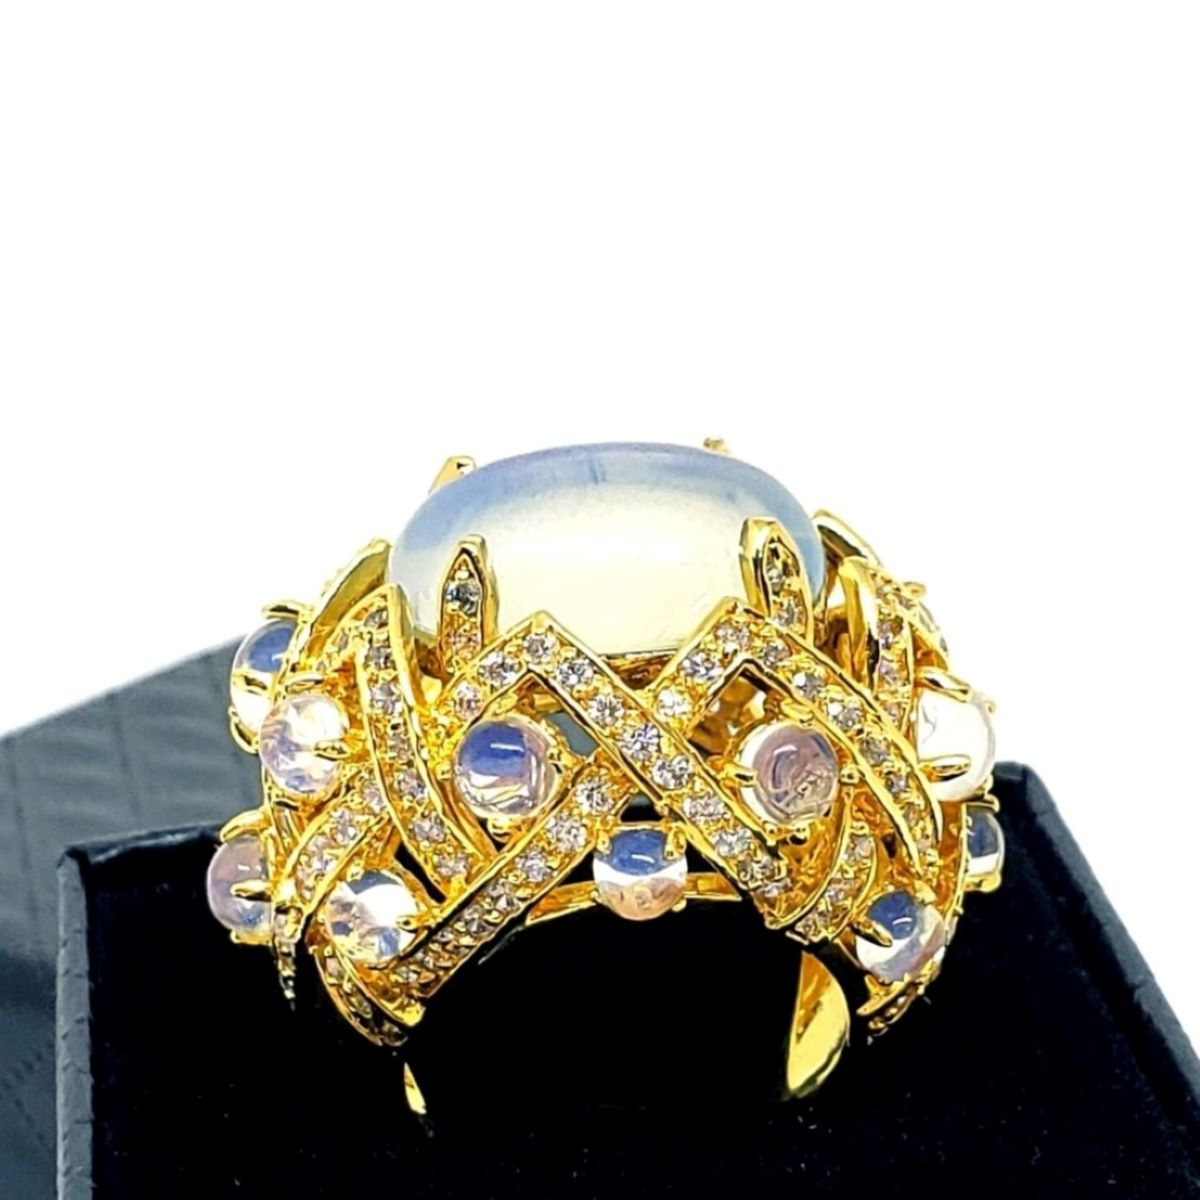 Anel Cristal Com Perolados e Cravejado Xadrez De Zirconias Banho De Ouro 18K 1410